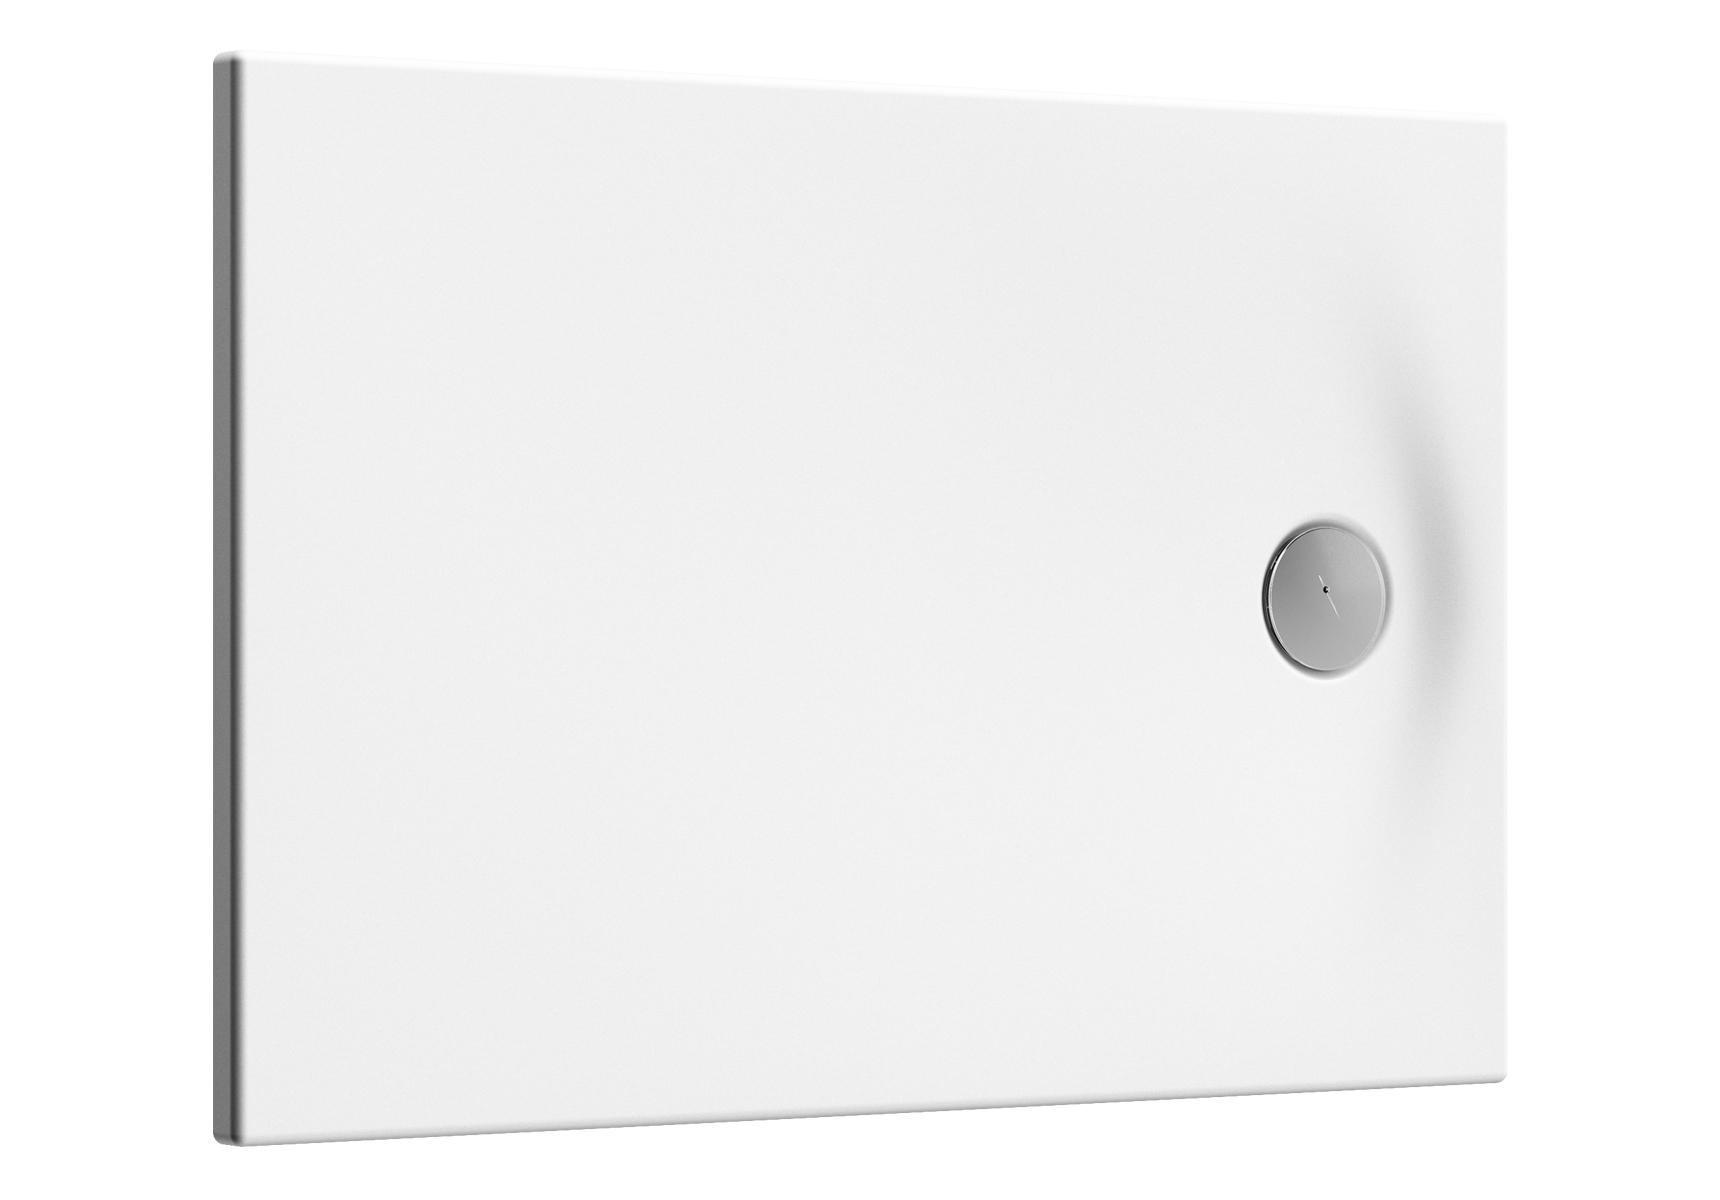 Smooth receveur ultra plat en acrylique, 3,2 mm, à encastrer ou à poser, rectangulaire, 120  x  70 cm